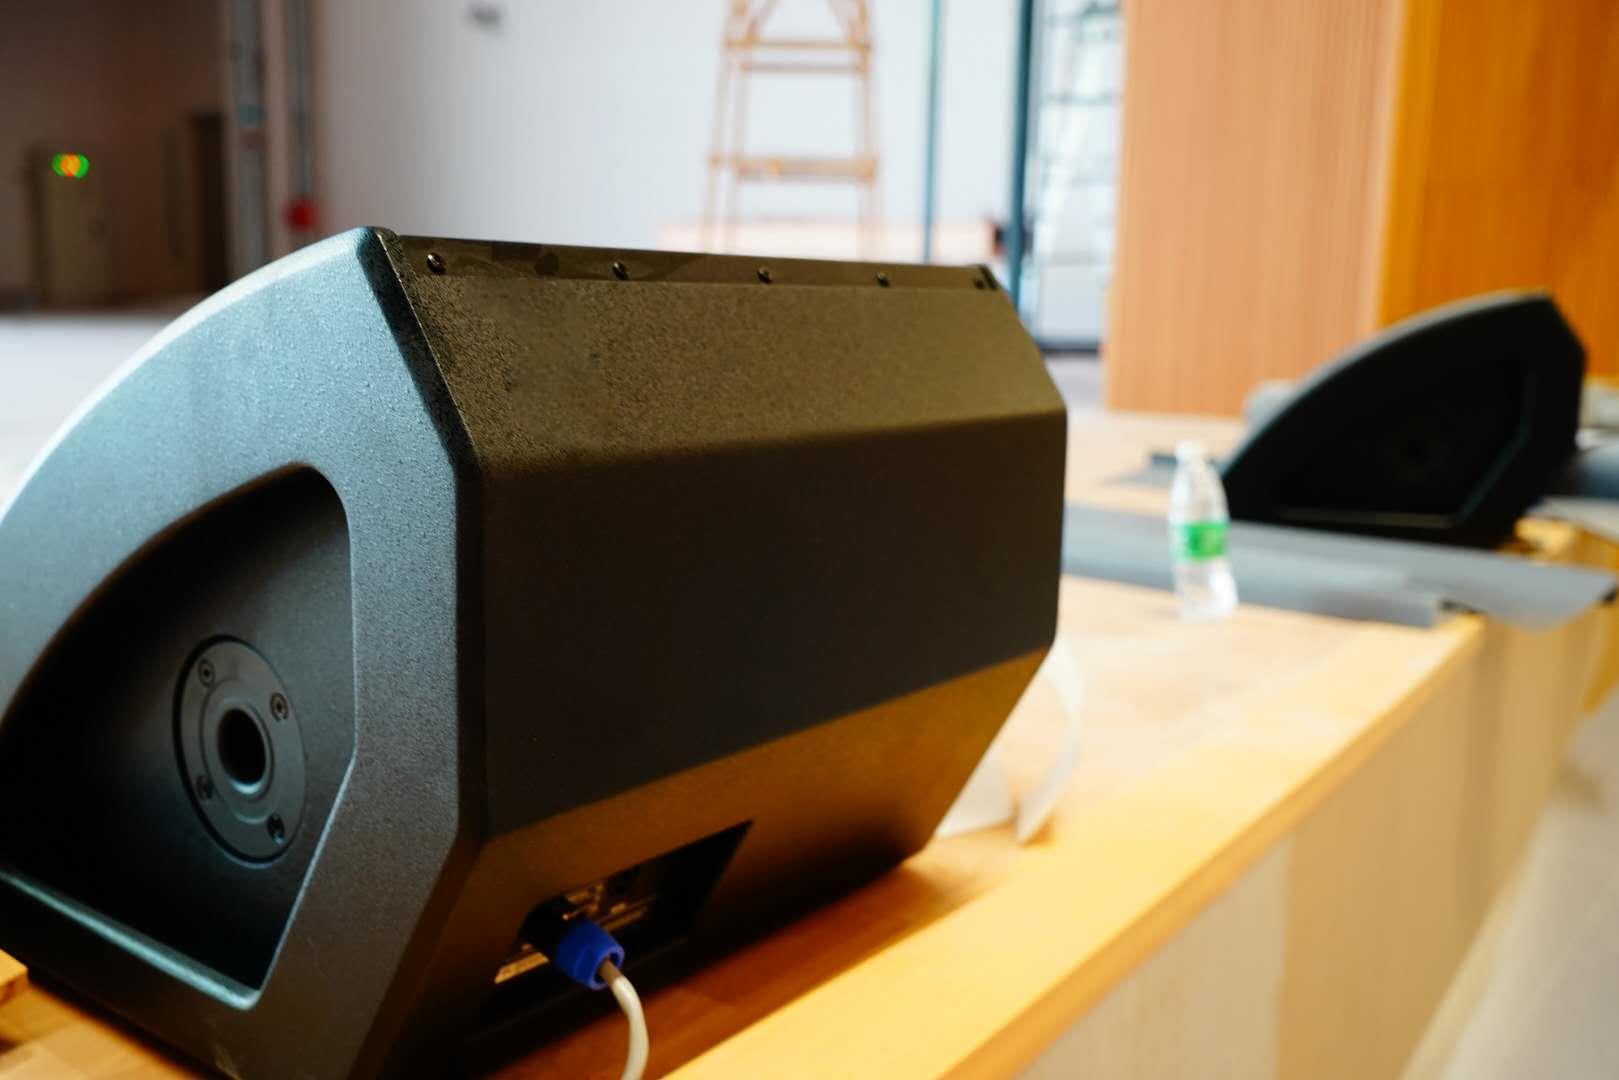 音响设备效果在舞台艺术中的应用